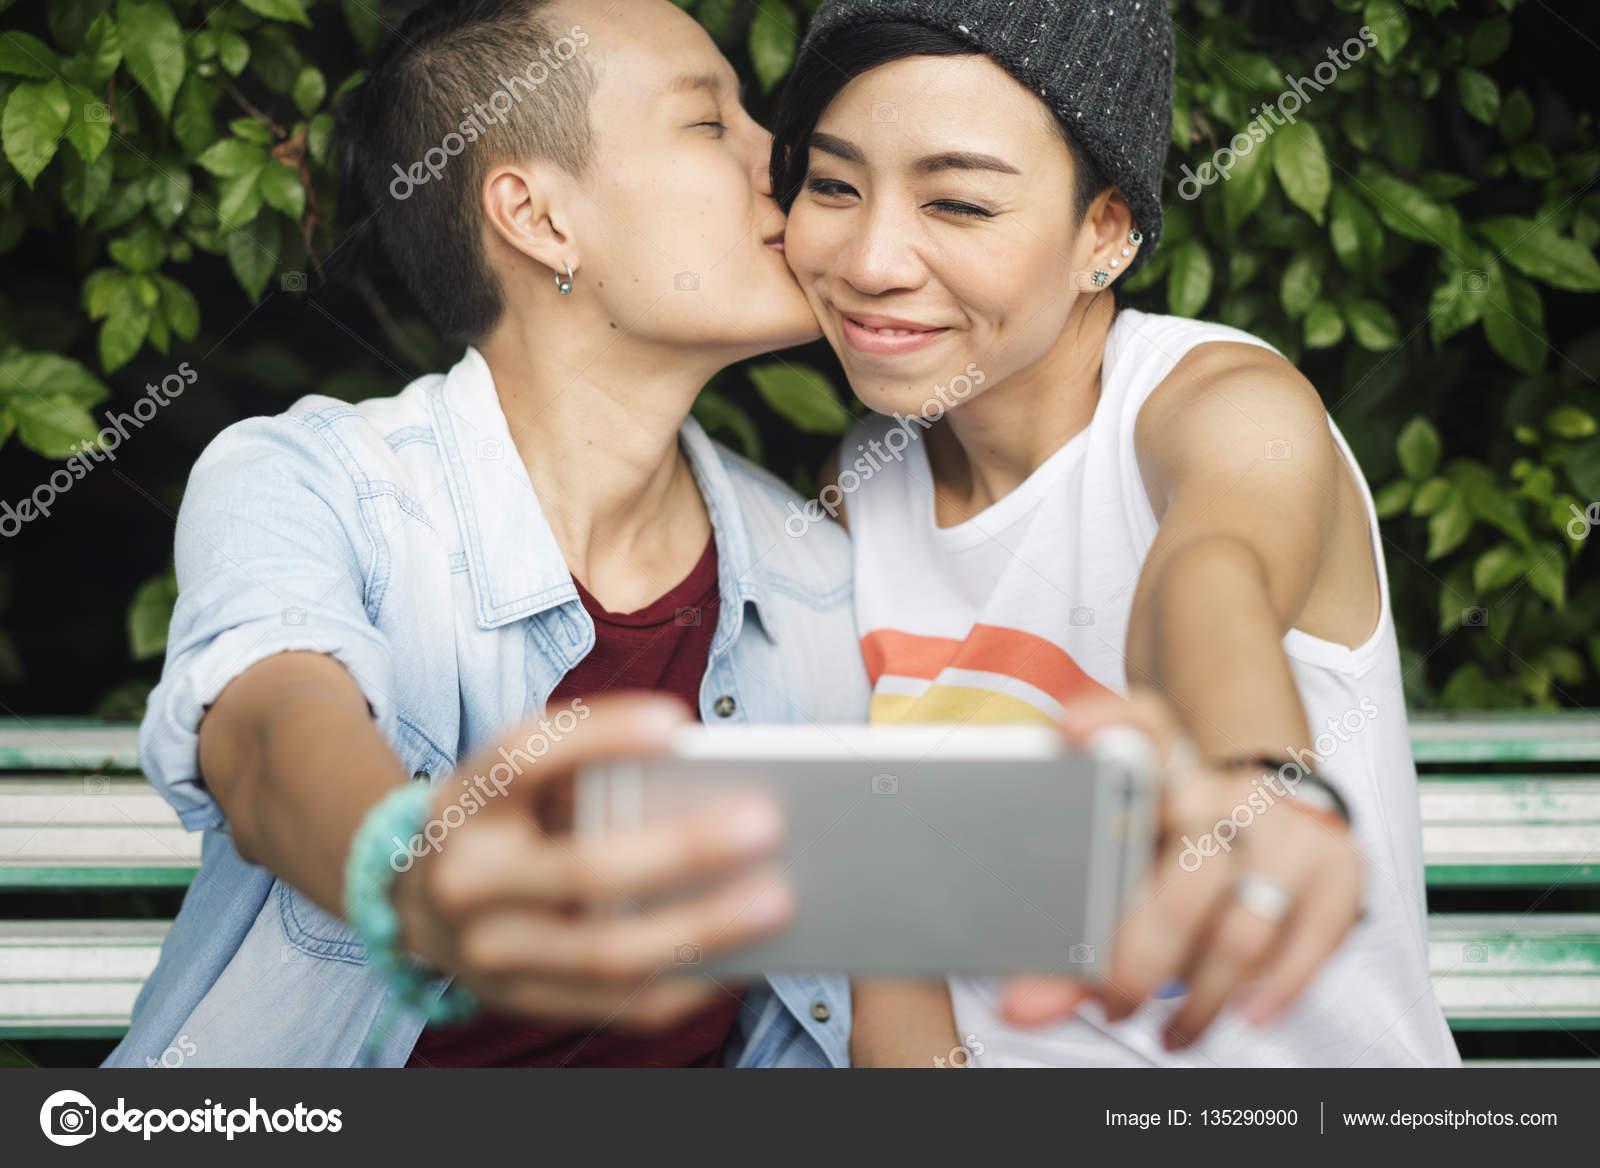 maturo lesbiche immagini sesso tette enormi